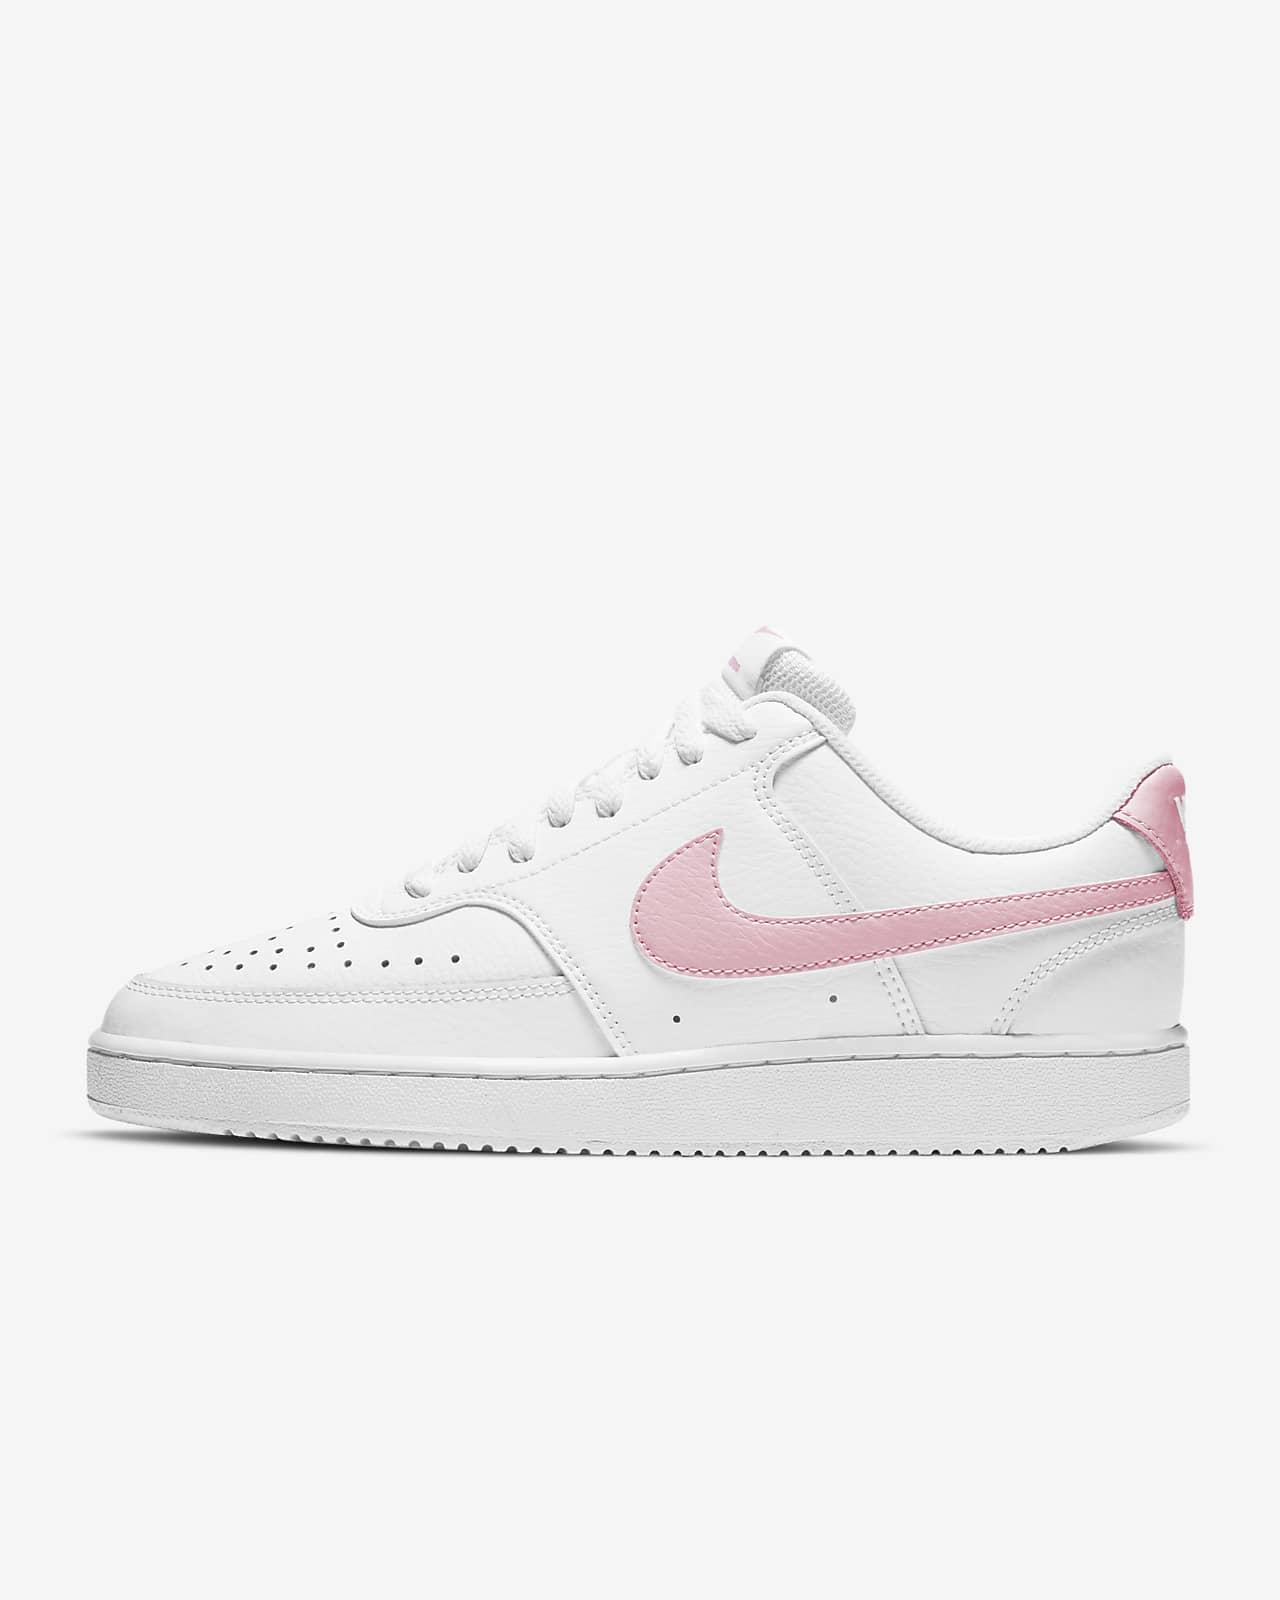 Nike Court Vision Low 女子运动鞋